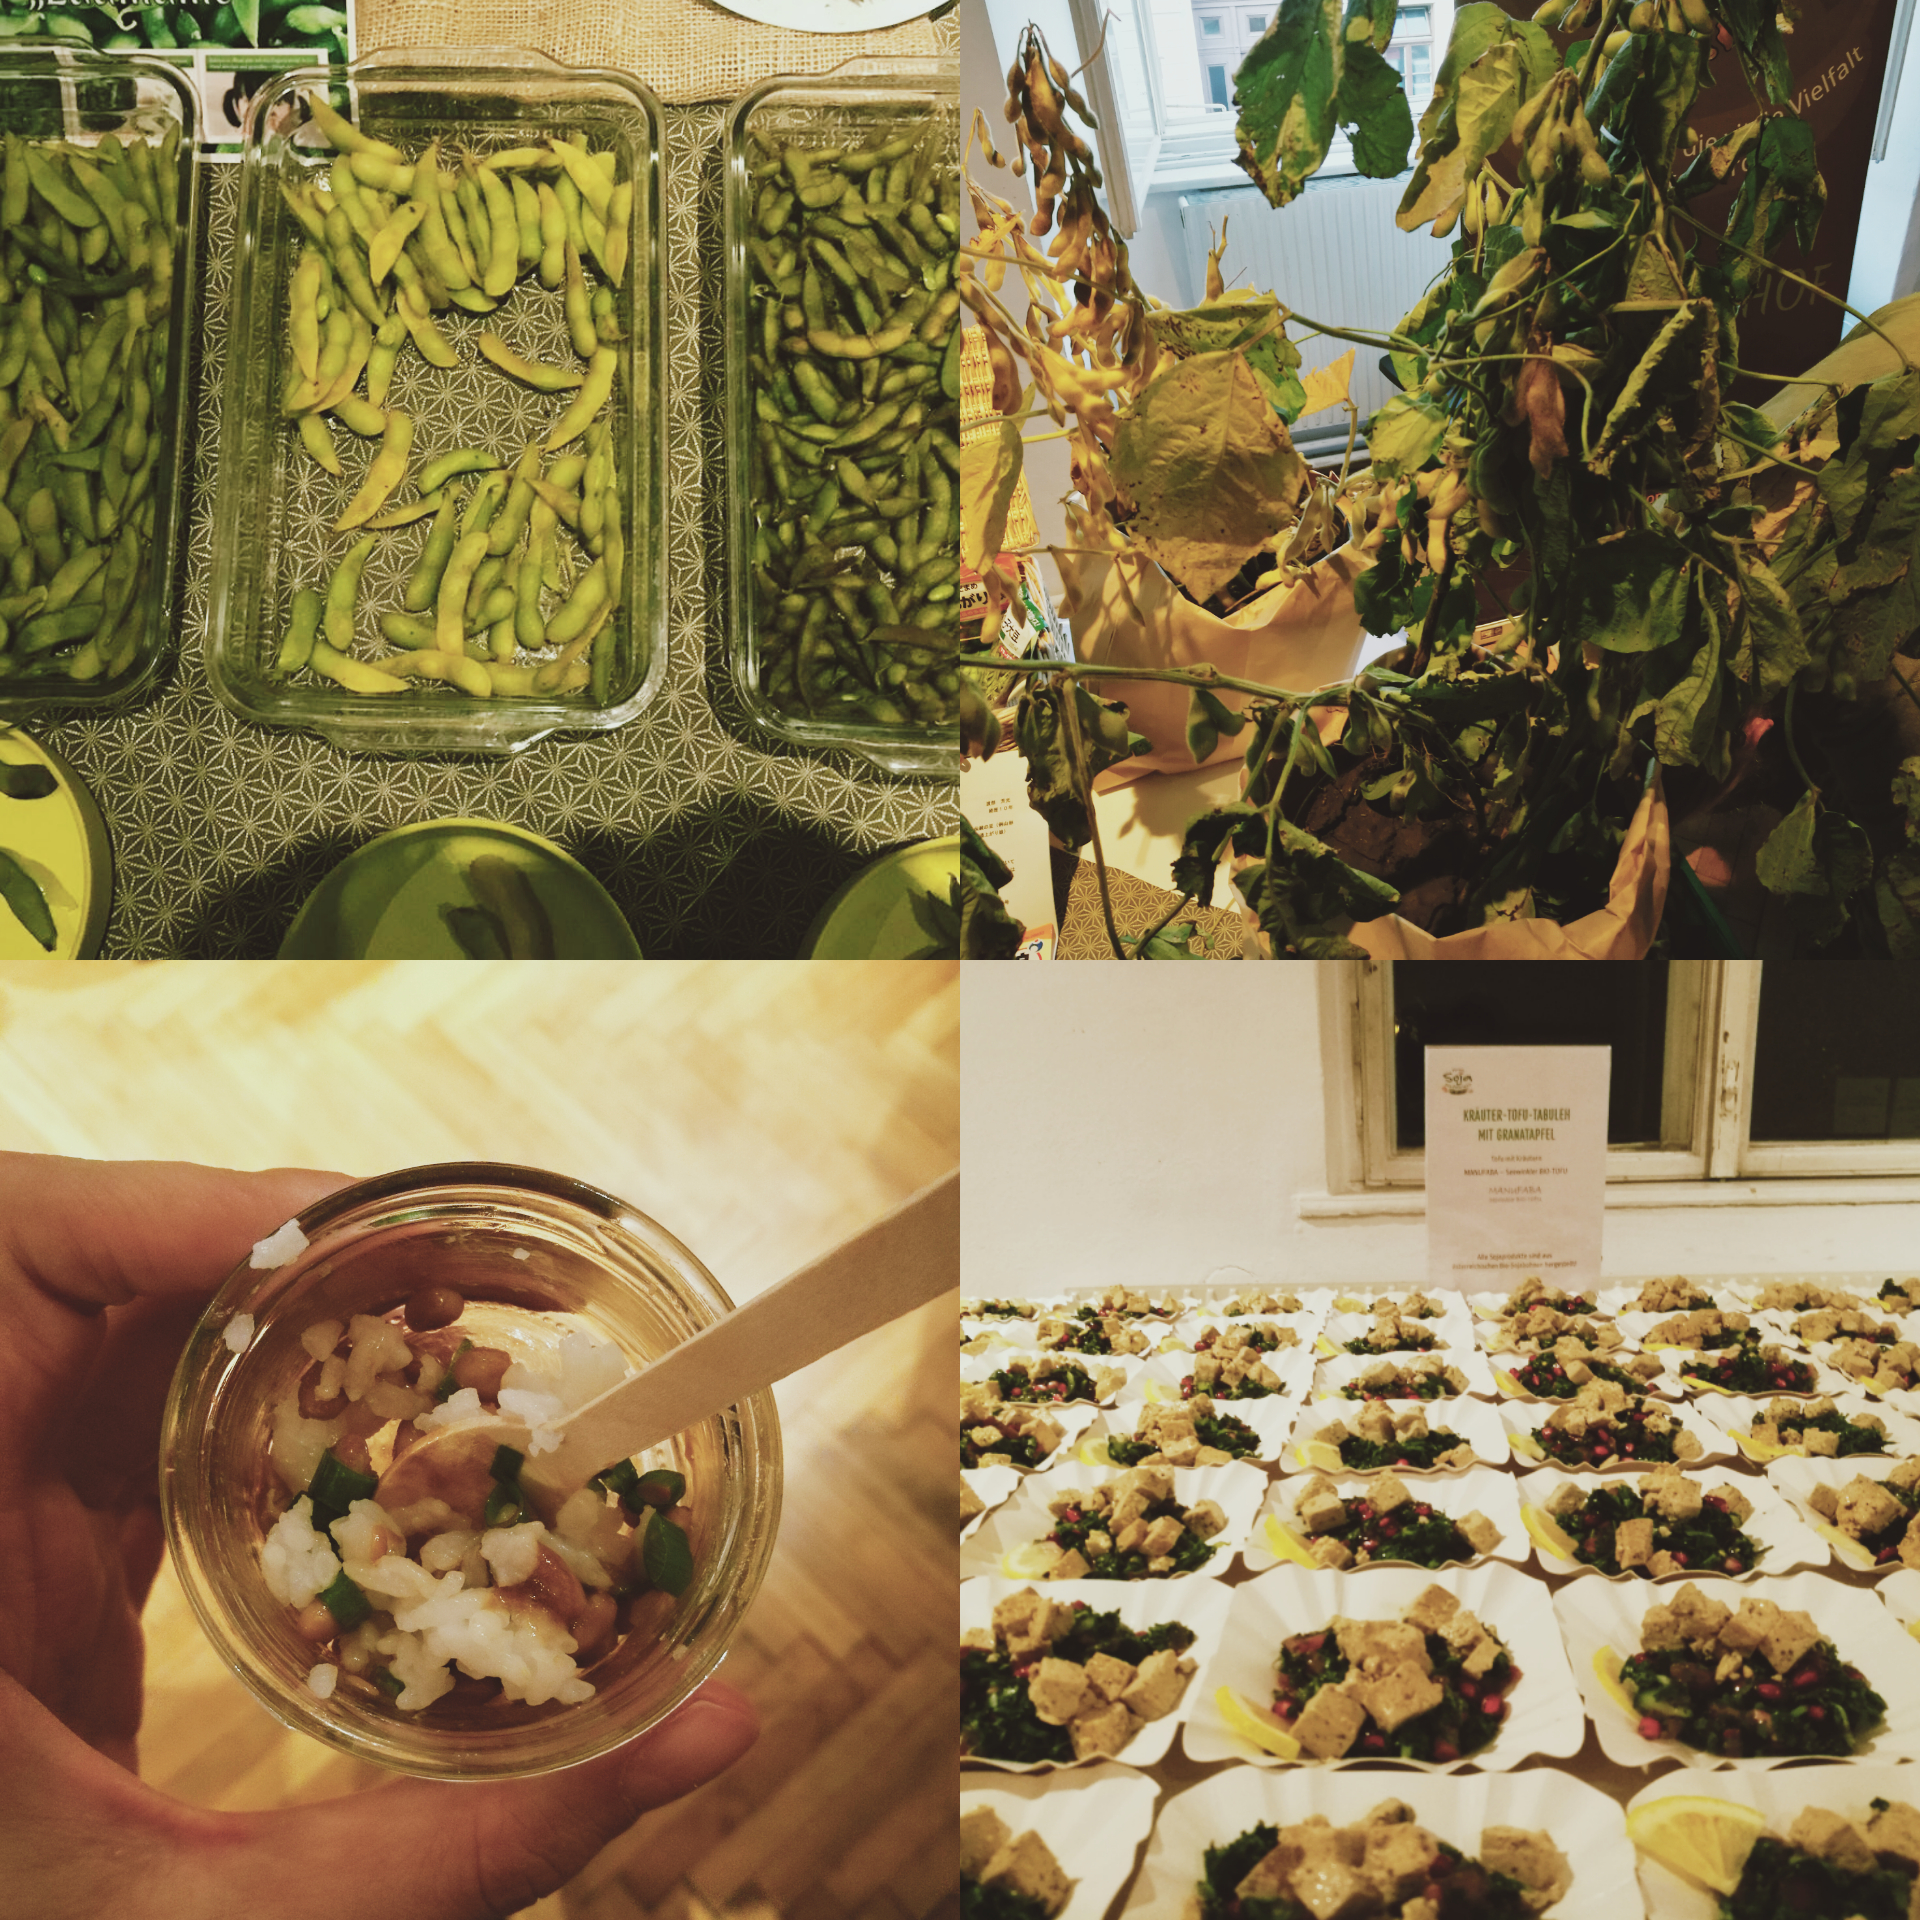 Die Abbildung ist eine Collage aus vier Fotos. Das erste zeigt Schalen mit Sojabohnen in ihren Hülsen, das zweite verschiedene grüne Blätter. Die restlichen beiden Fotos zeigen portionierte Sojagerichte.